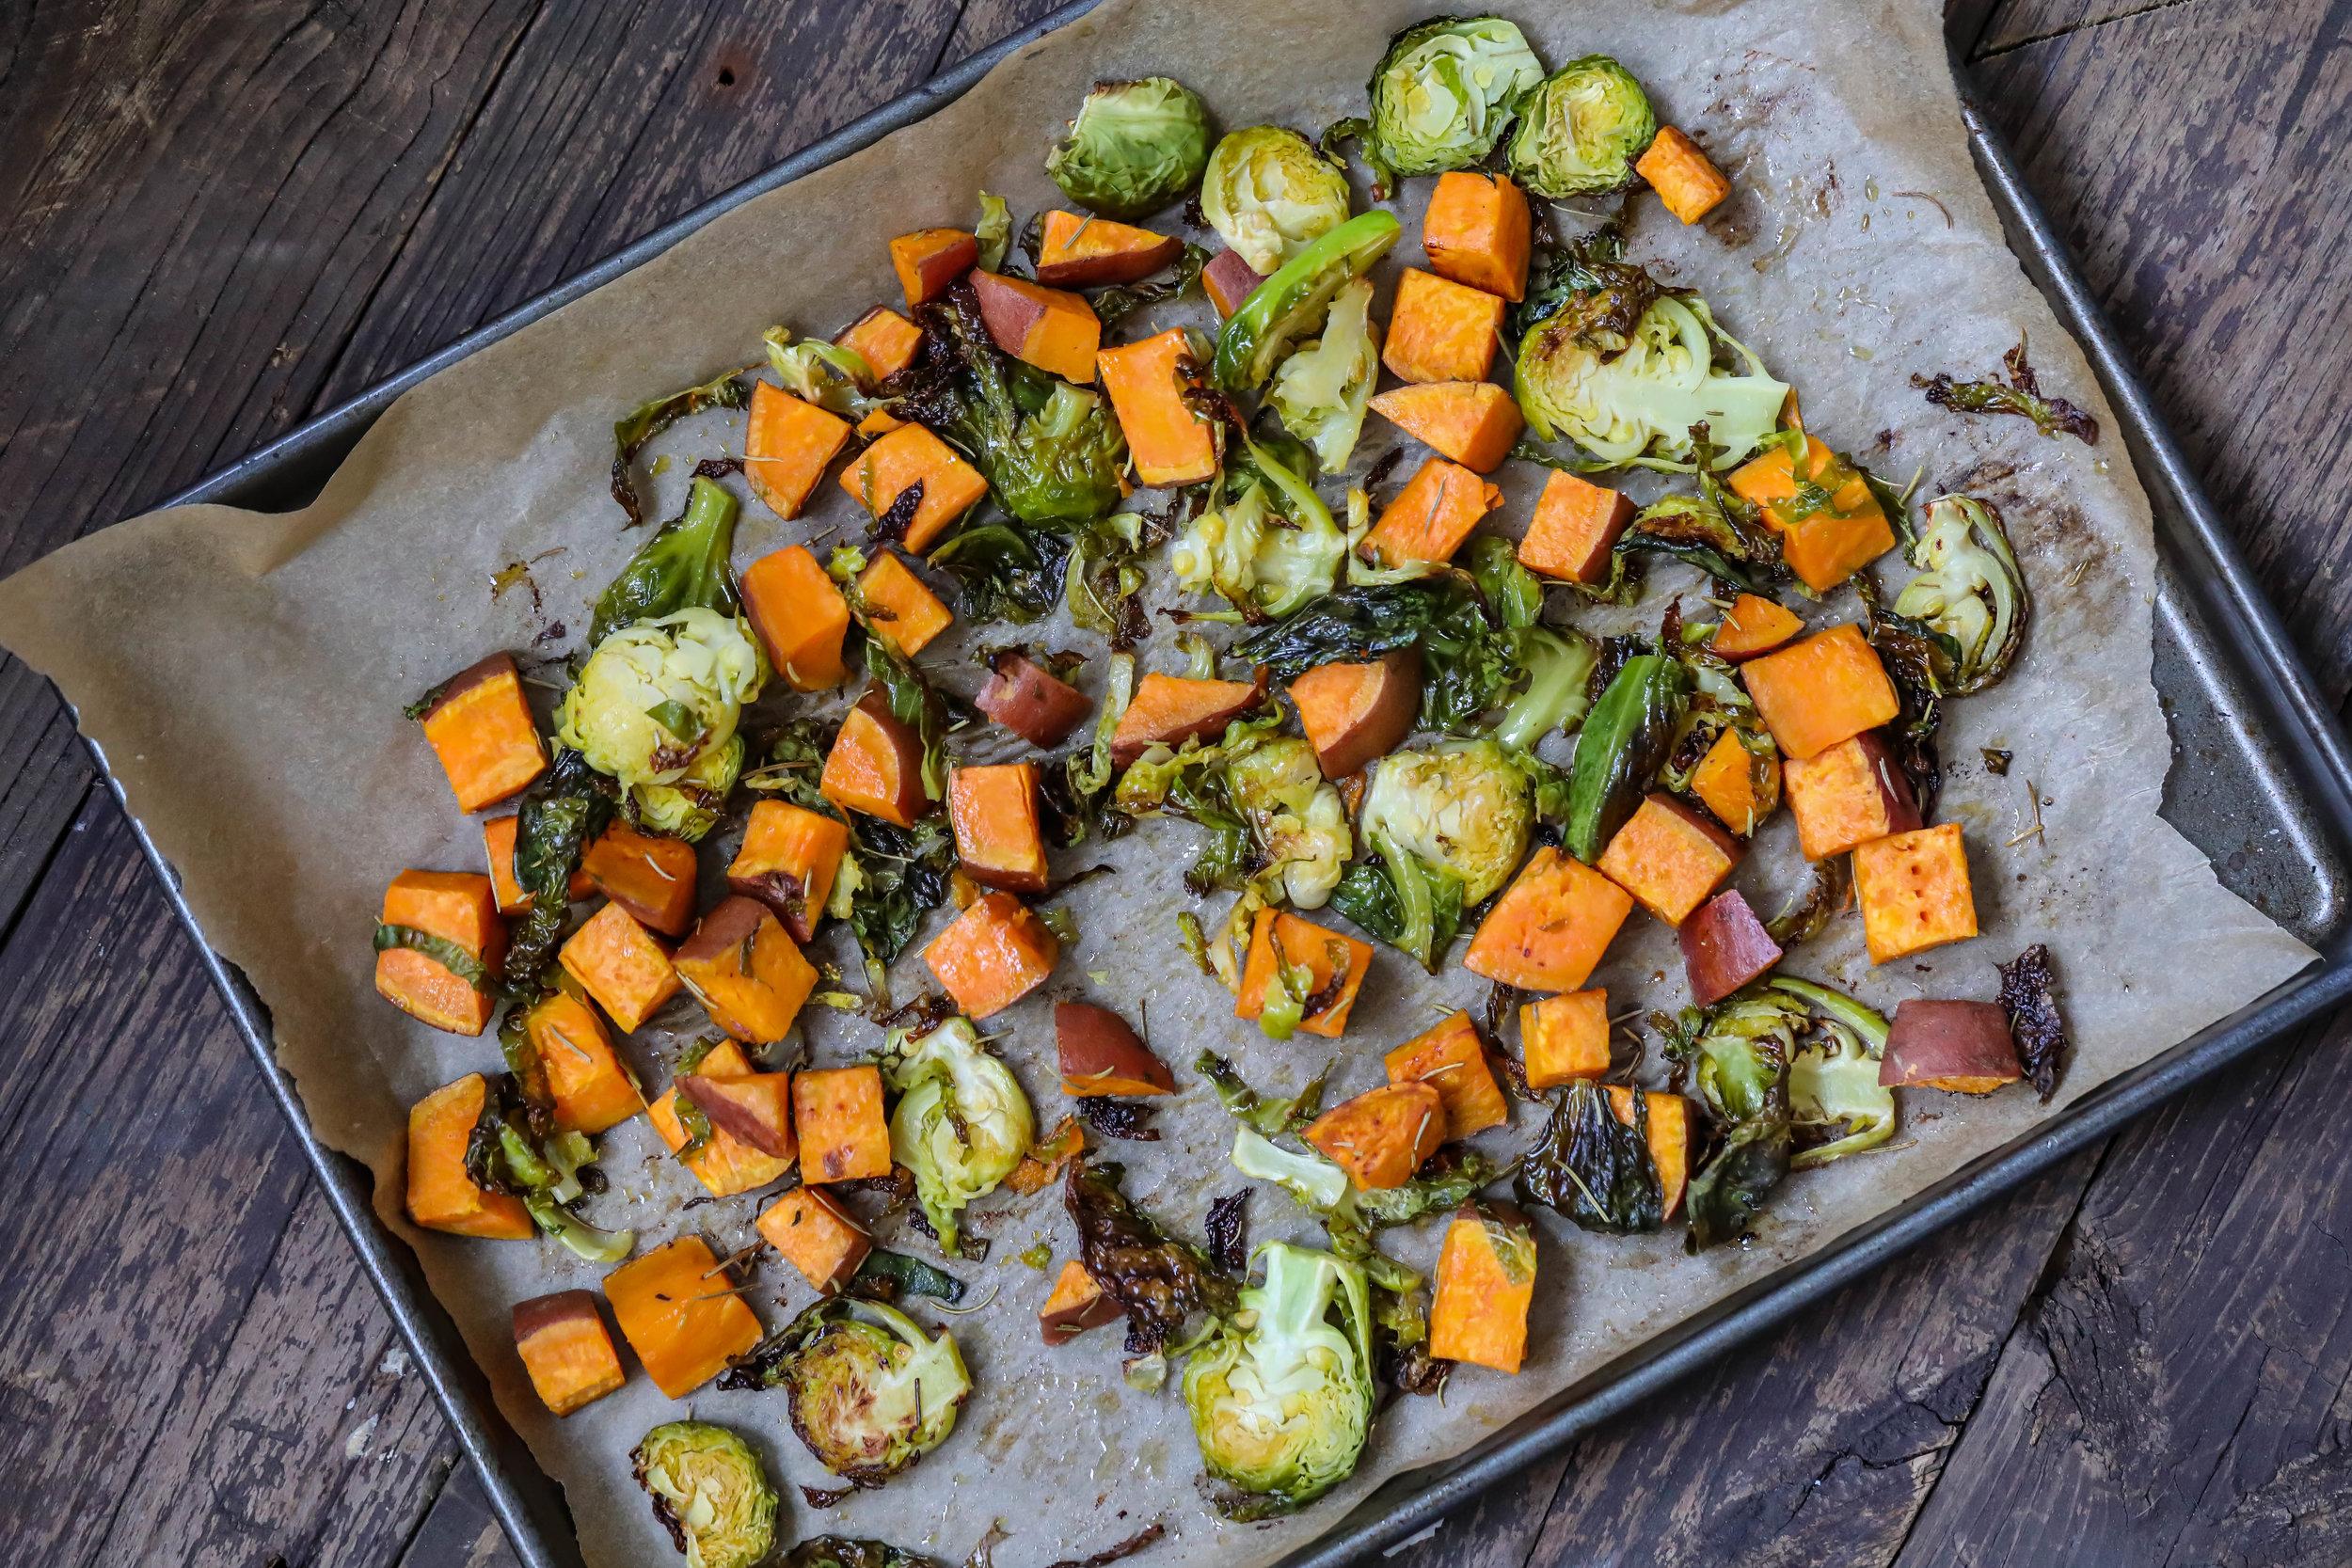 Garlic and rosemary roasted veggies